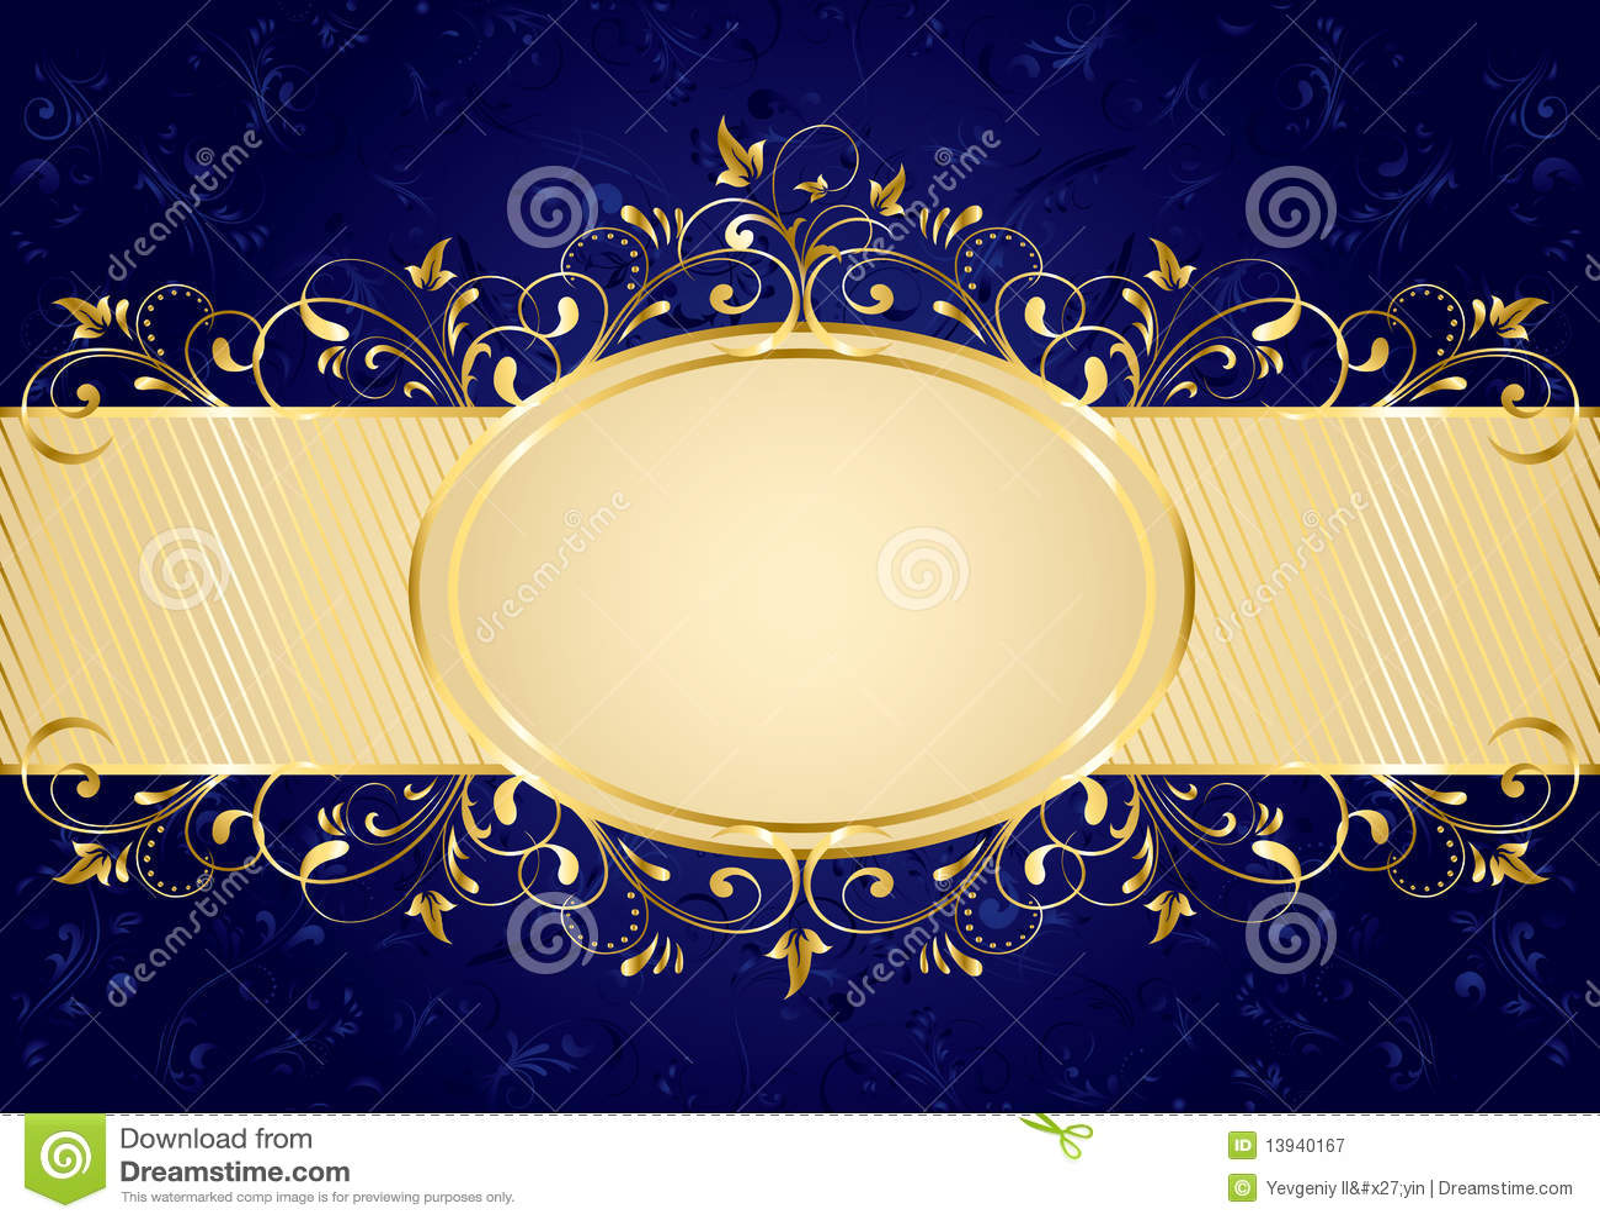 El Dorado Blue Card >> Blue Background With Golden Frame Stock Vector - Illustration of modern, frame: 13940167